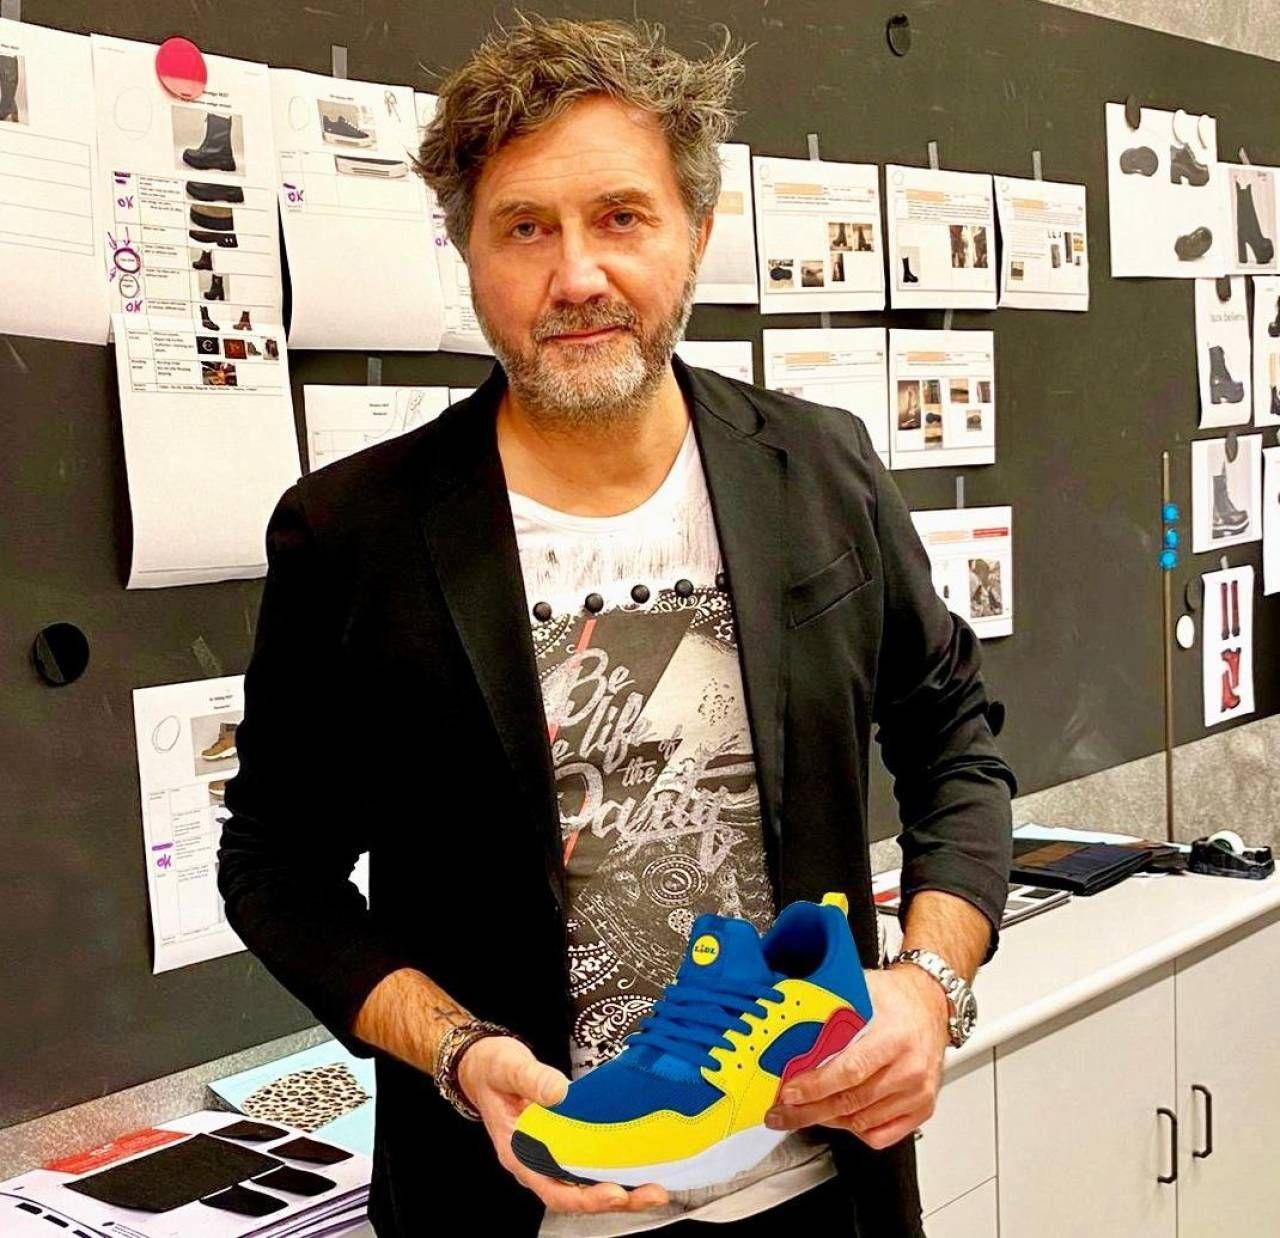 Roberto Guzzonato, 55 anni, ha lo studio a Stra, nel Veneziano. È cresciuto tra le scarpe del calzaturificio del papà. La scarpa Lidl è stata creata ad Hong Kong